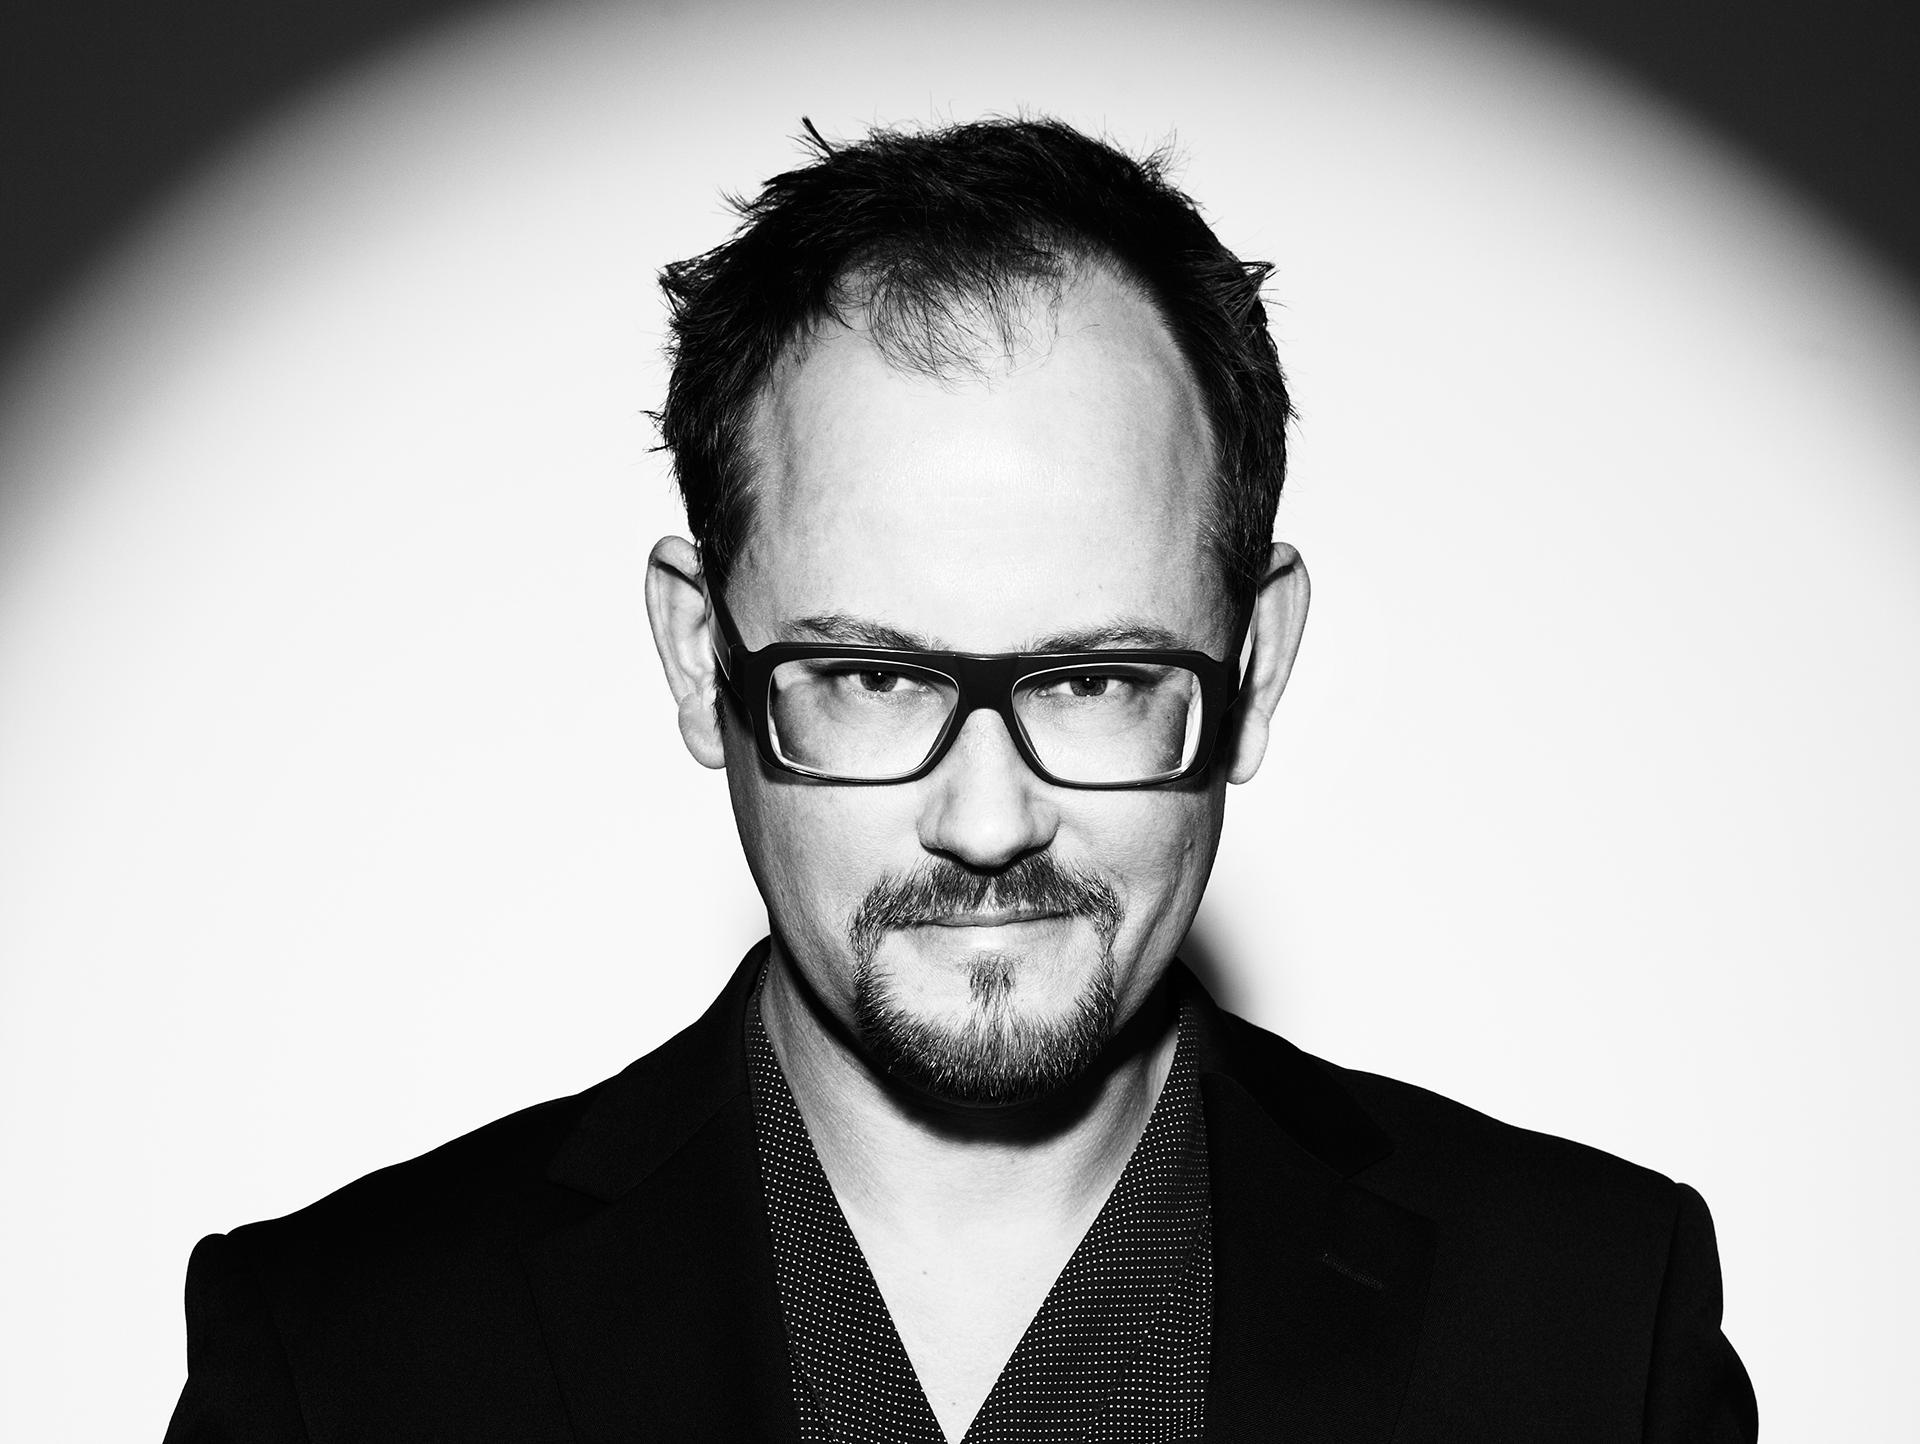 Intervju med Carl Öjerstam